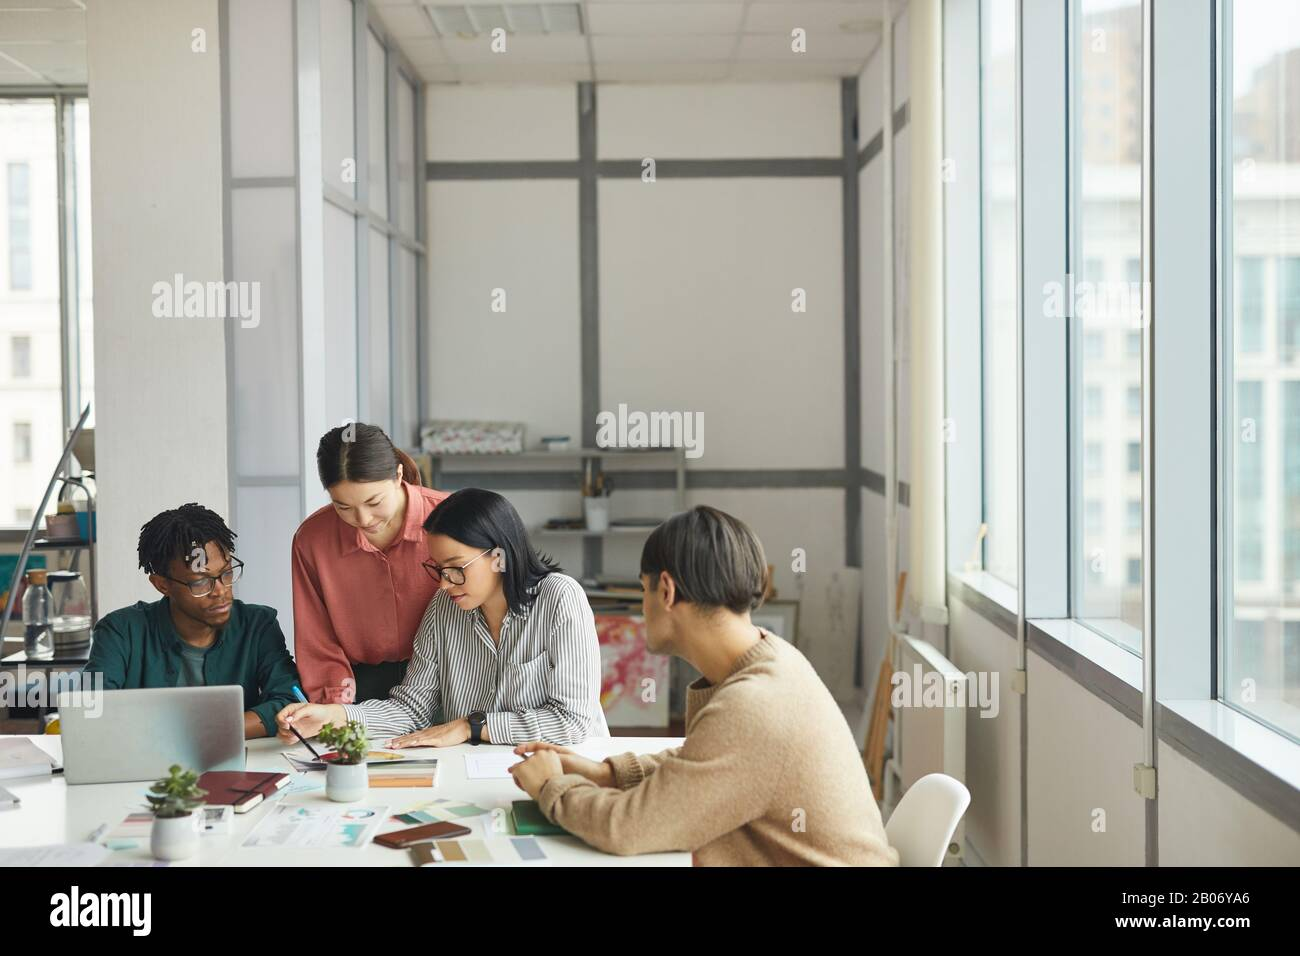 Junge Geschäftsleute sitzen am Tisch und planen gemeinsam während des Arbeitstages im Büro ein neues Projekt Stockfoto